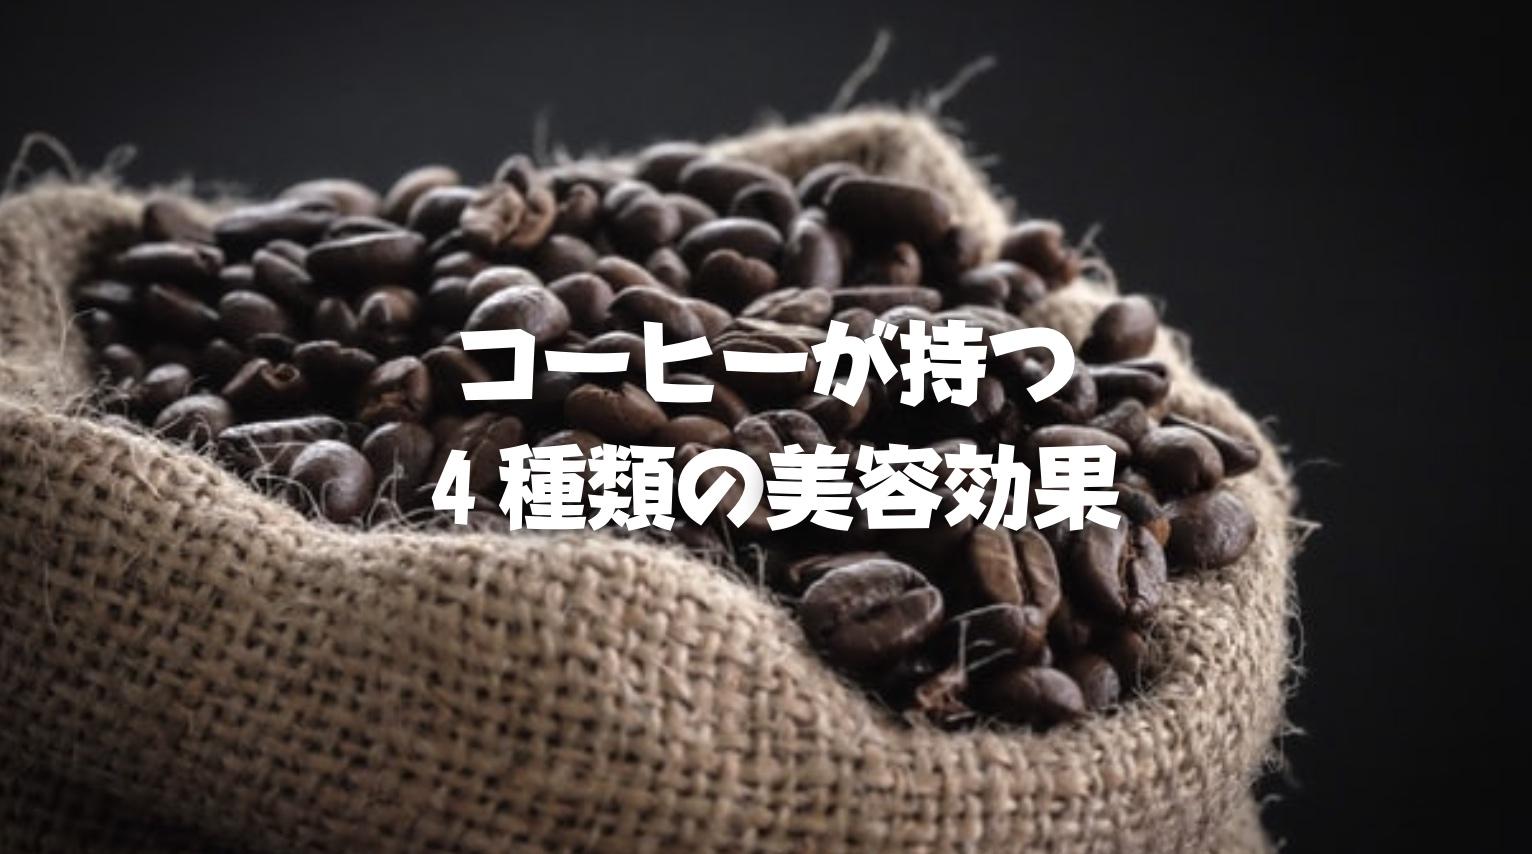 え?ほんとに?|コーヒーがもたらす4種類の美容効果のアイキャッチ画像